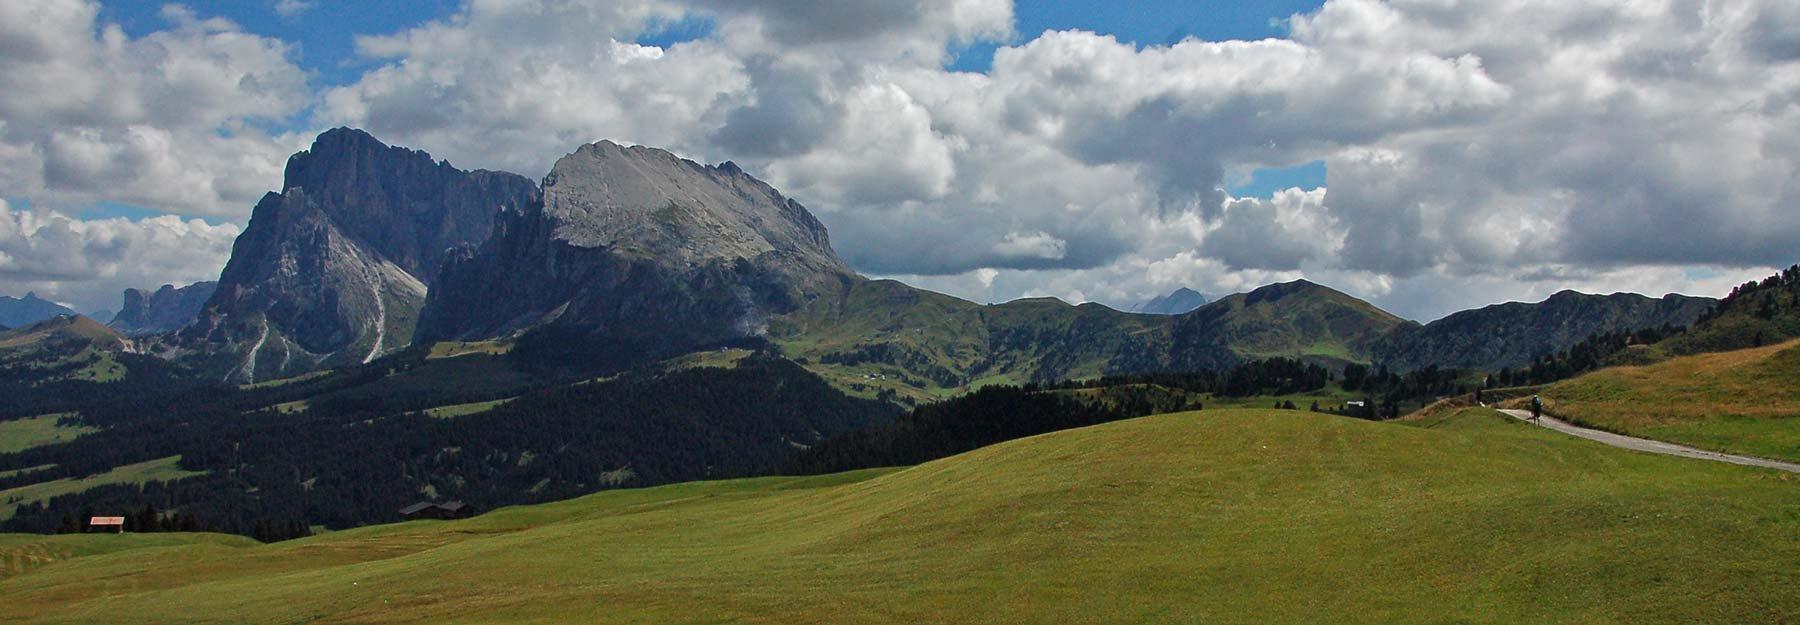 e1025b60bb In Alto Adige con i bambini : Bimbo in Viaggio (Sito Ufficiale) Hotel per  bambini – Hotel per famiglie – Alberghi per famiglie